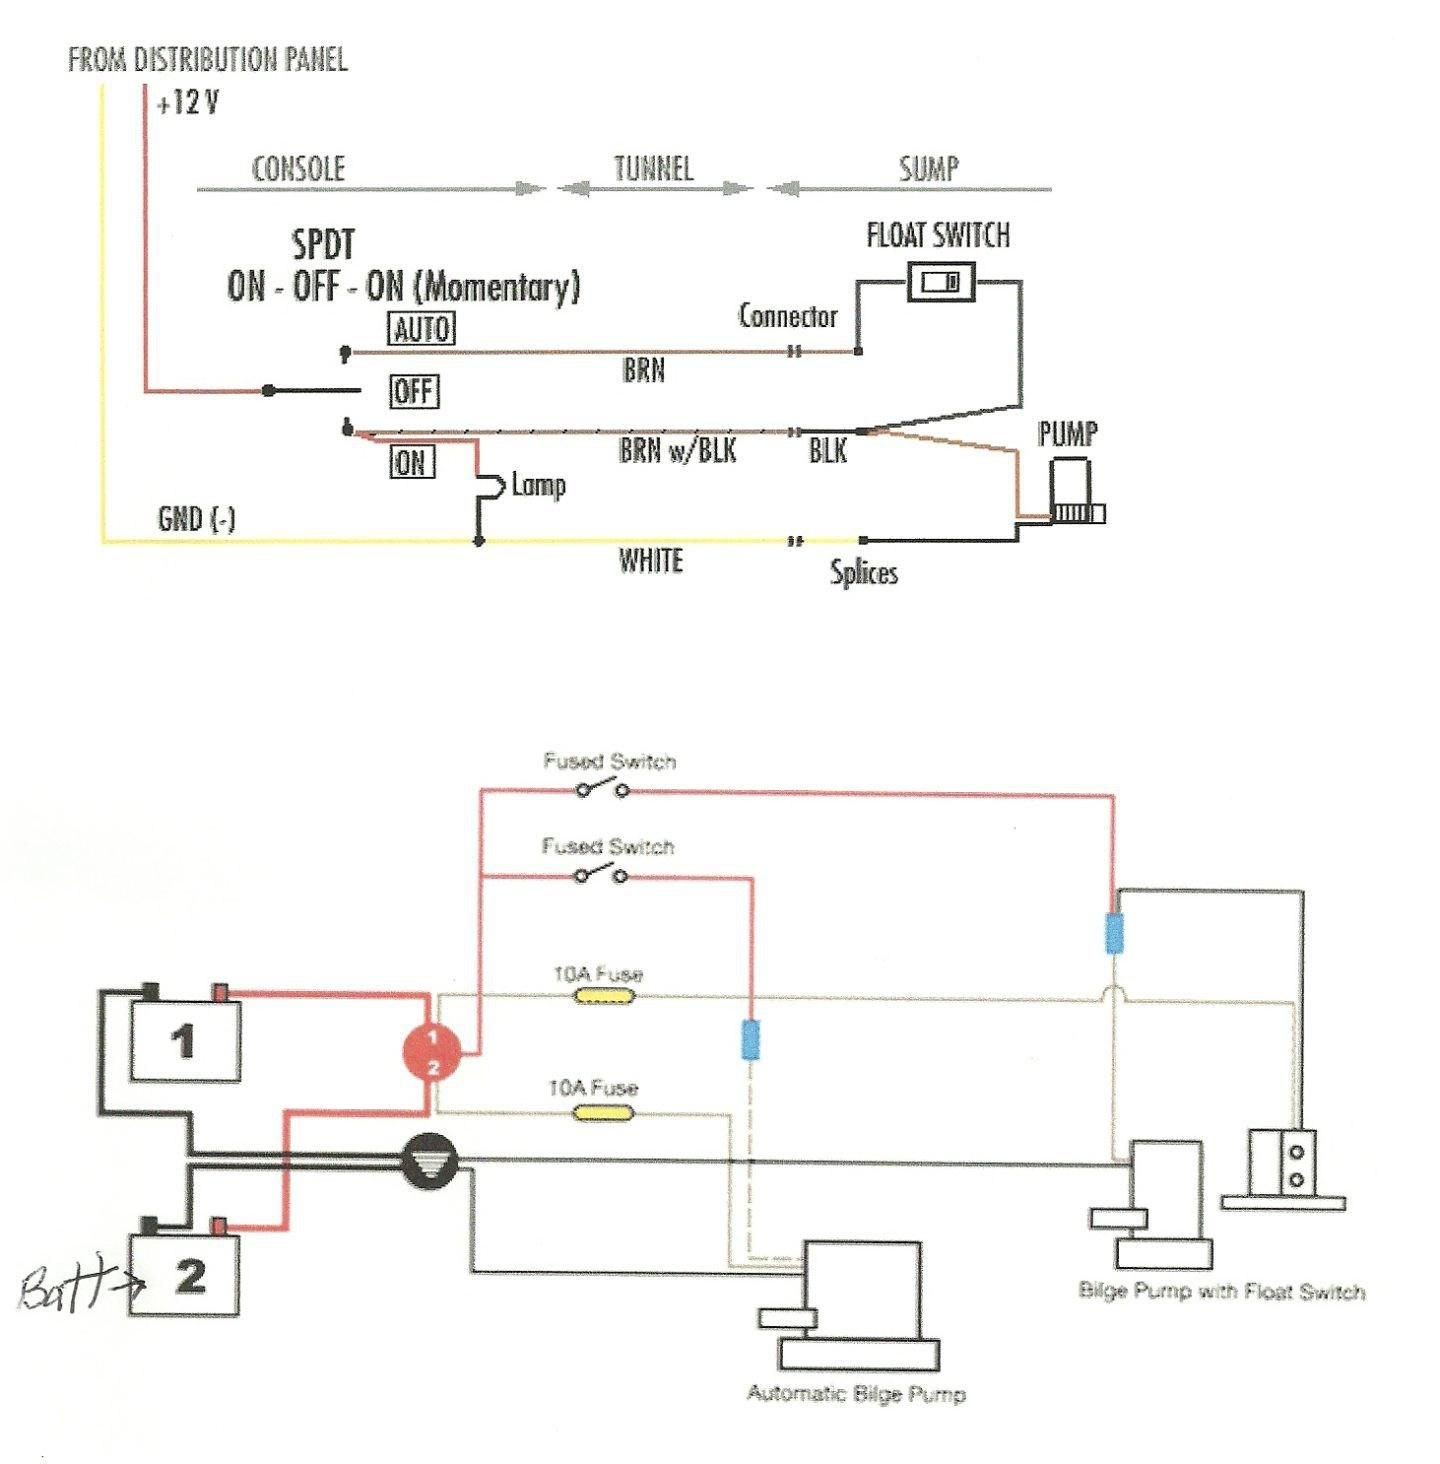 Meyer Sewer Pump Wiring Diagram - Wiring Diagram Data Oreo - Bilge Pump Wiring Diagram